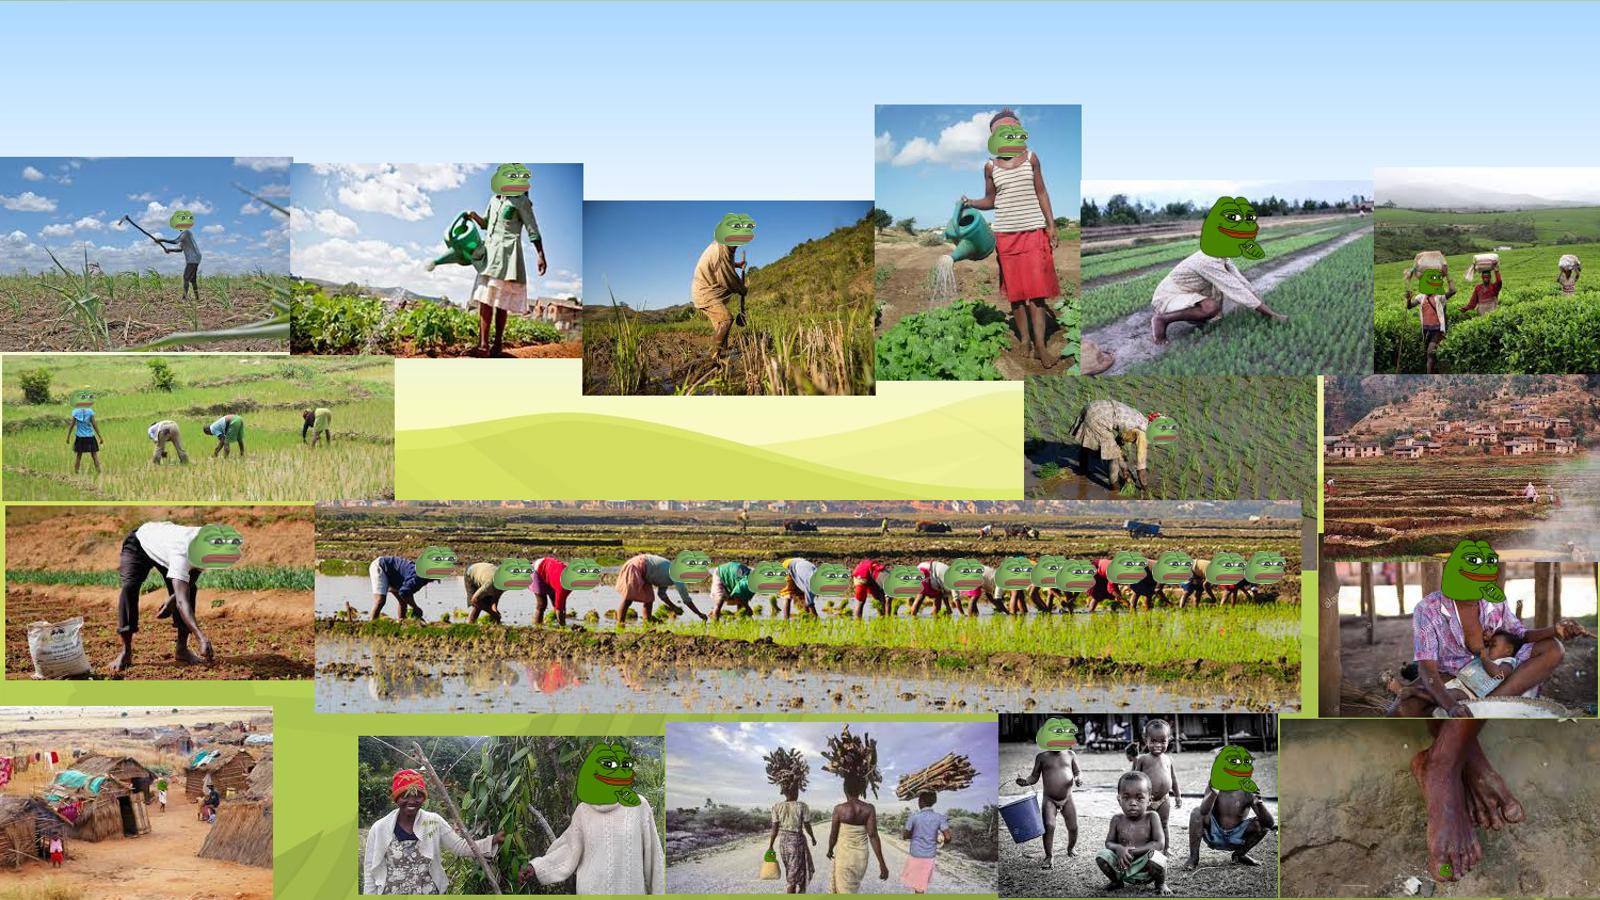 Pepe Farm